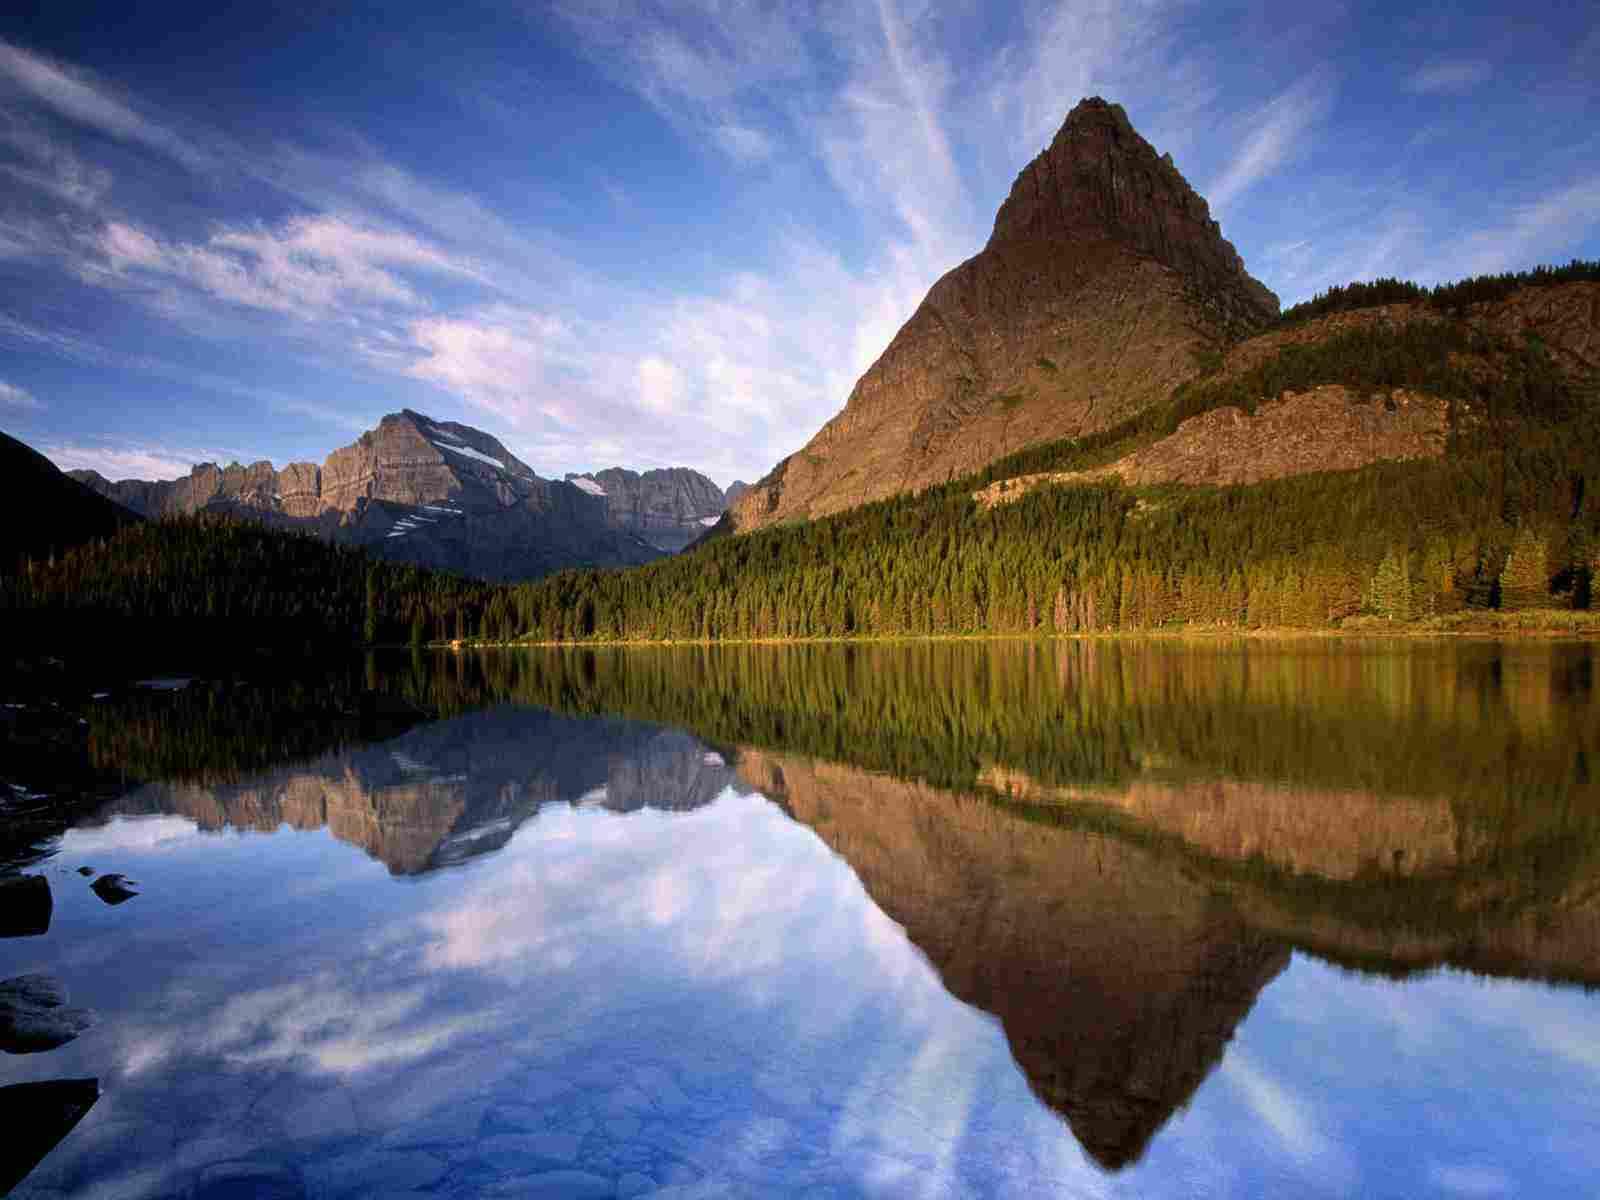 Lady s mirror lake